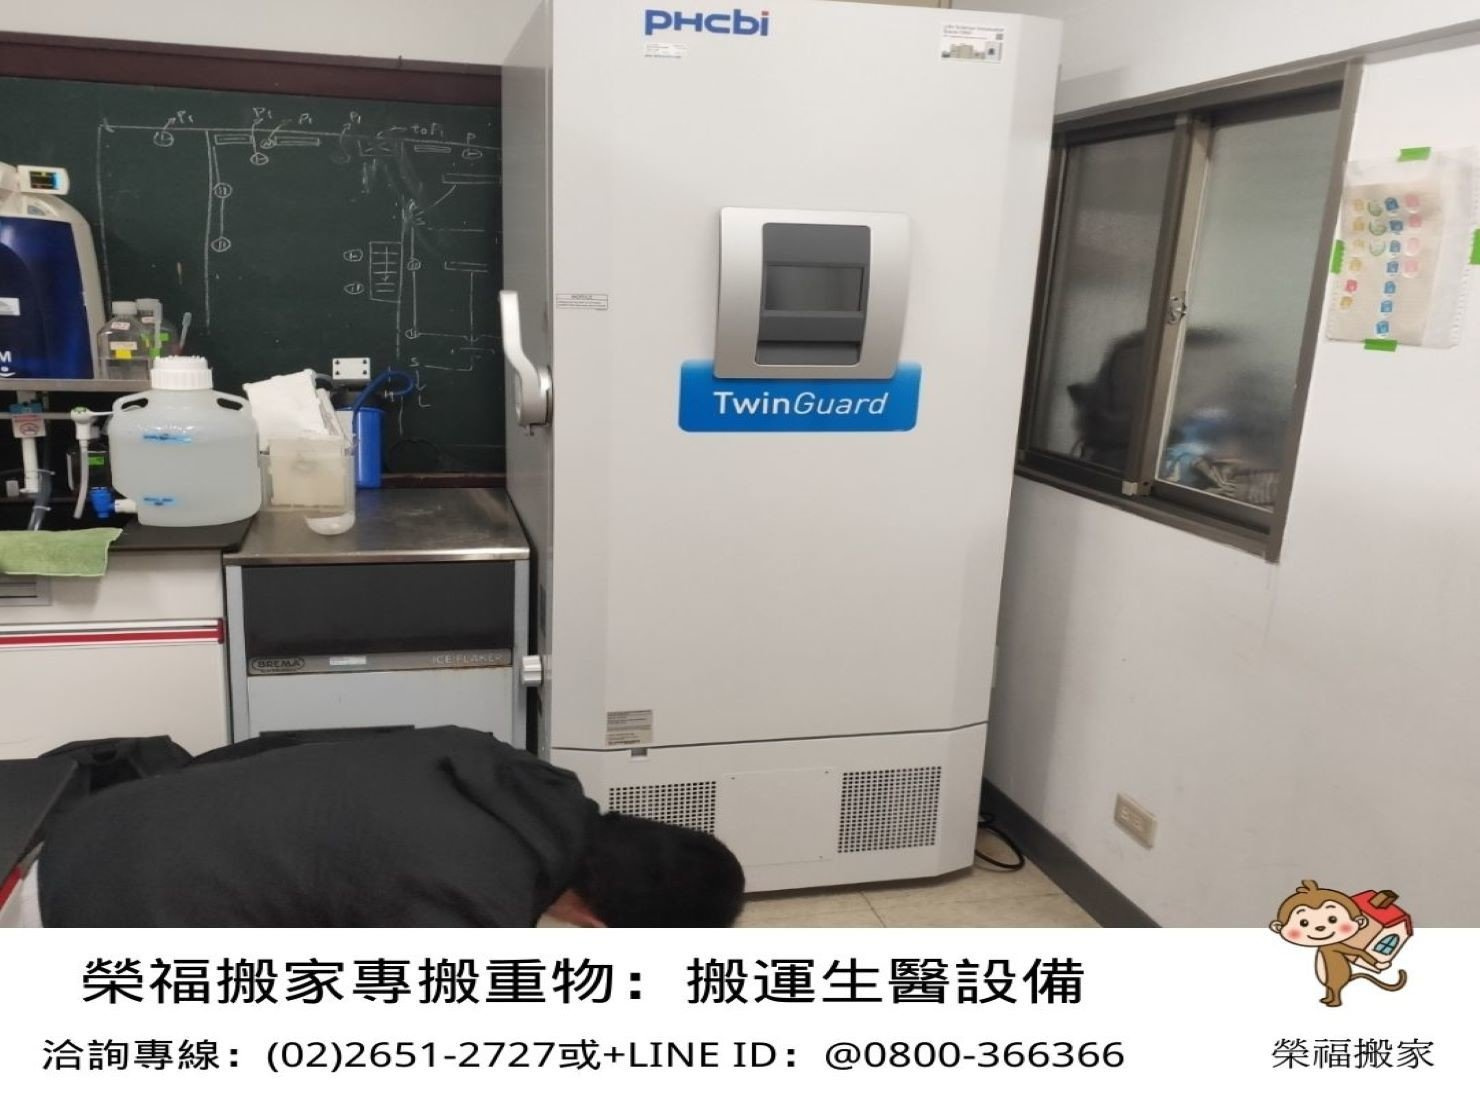 【重物搬運實錄】搬PHCbi負80度超低溫冷凍櫃,榮福搬家安全防護、專業搬運好放心